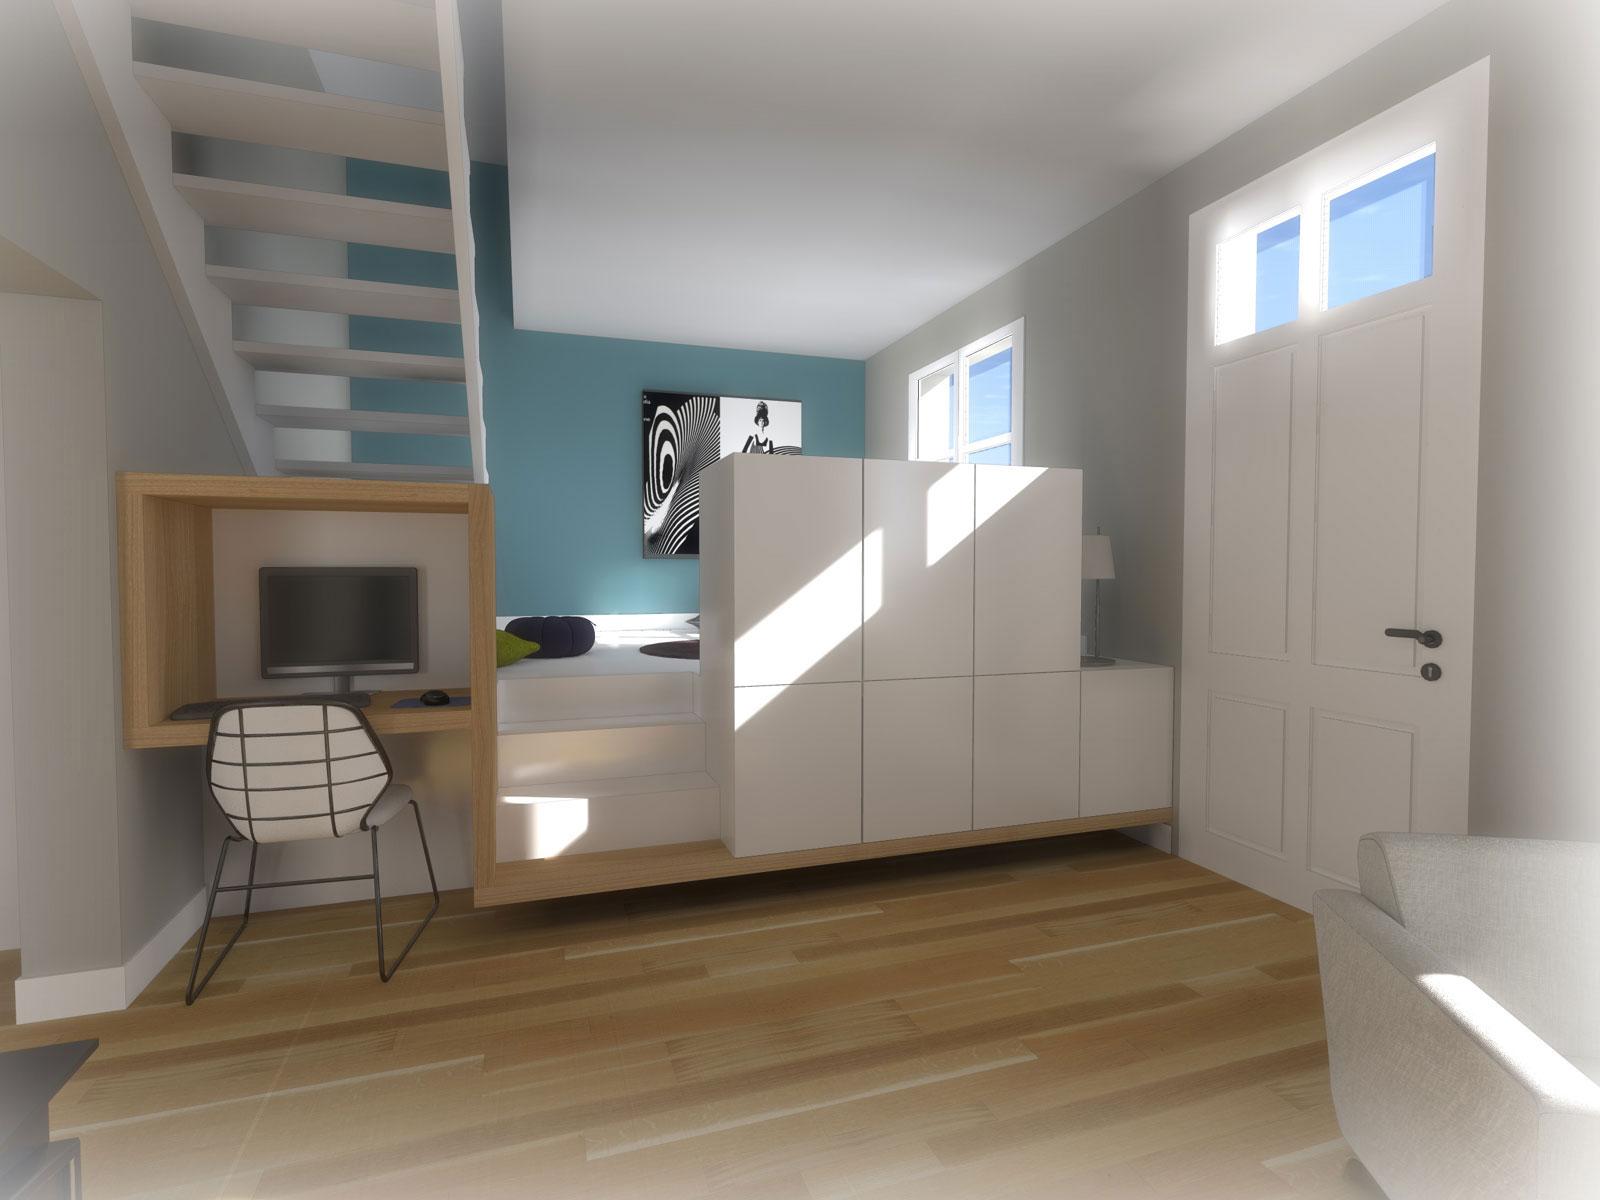 Magnifique Aménagement intérieur CLISSON Bureau - Atelier 14 &JS_31